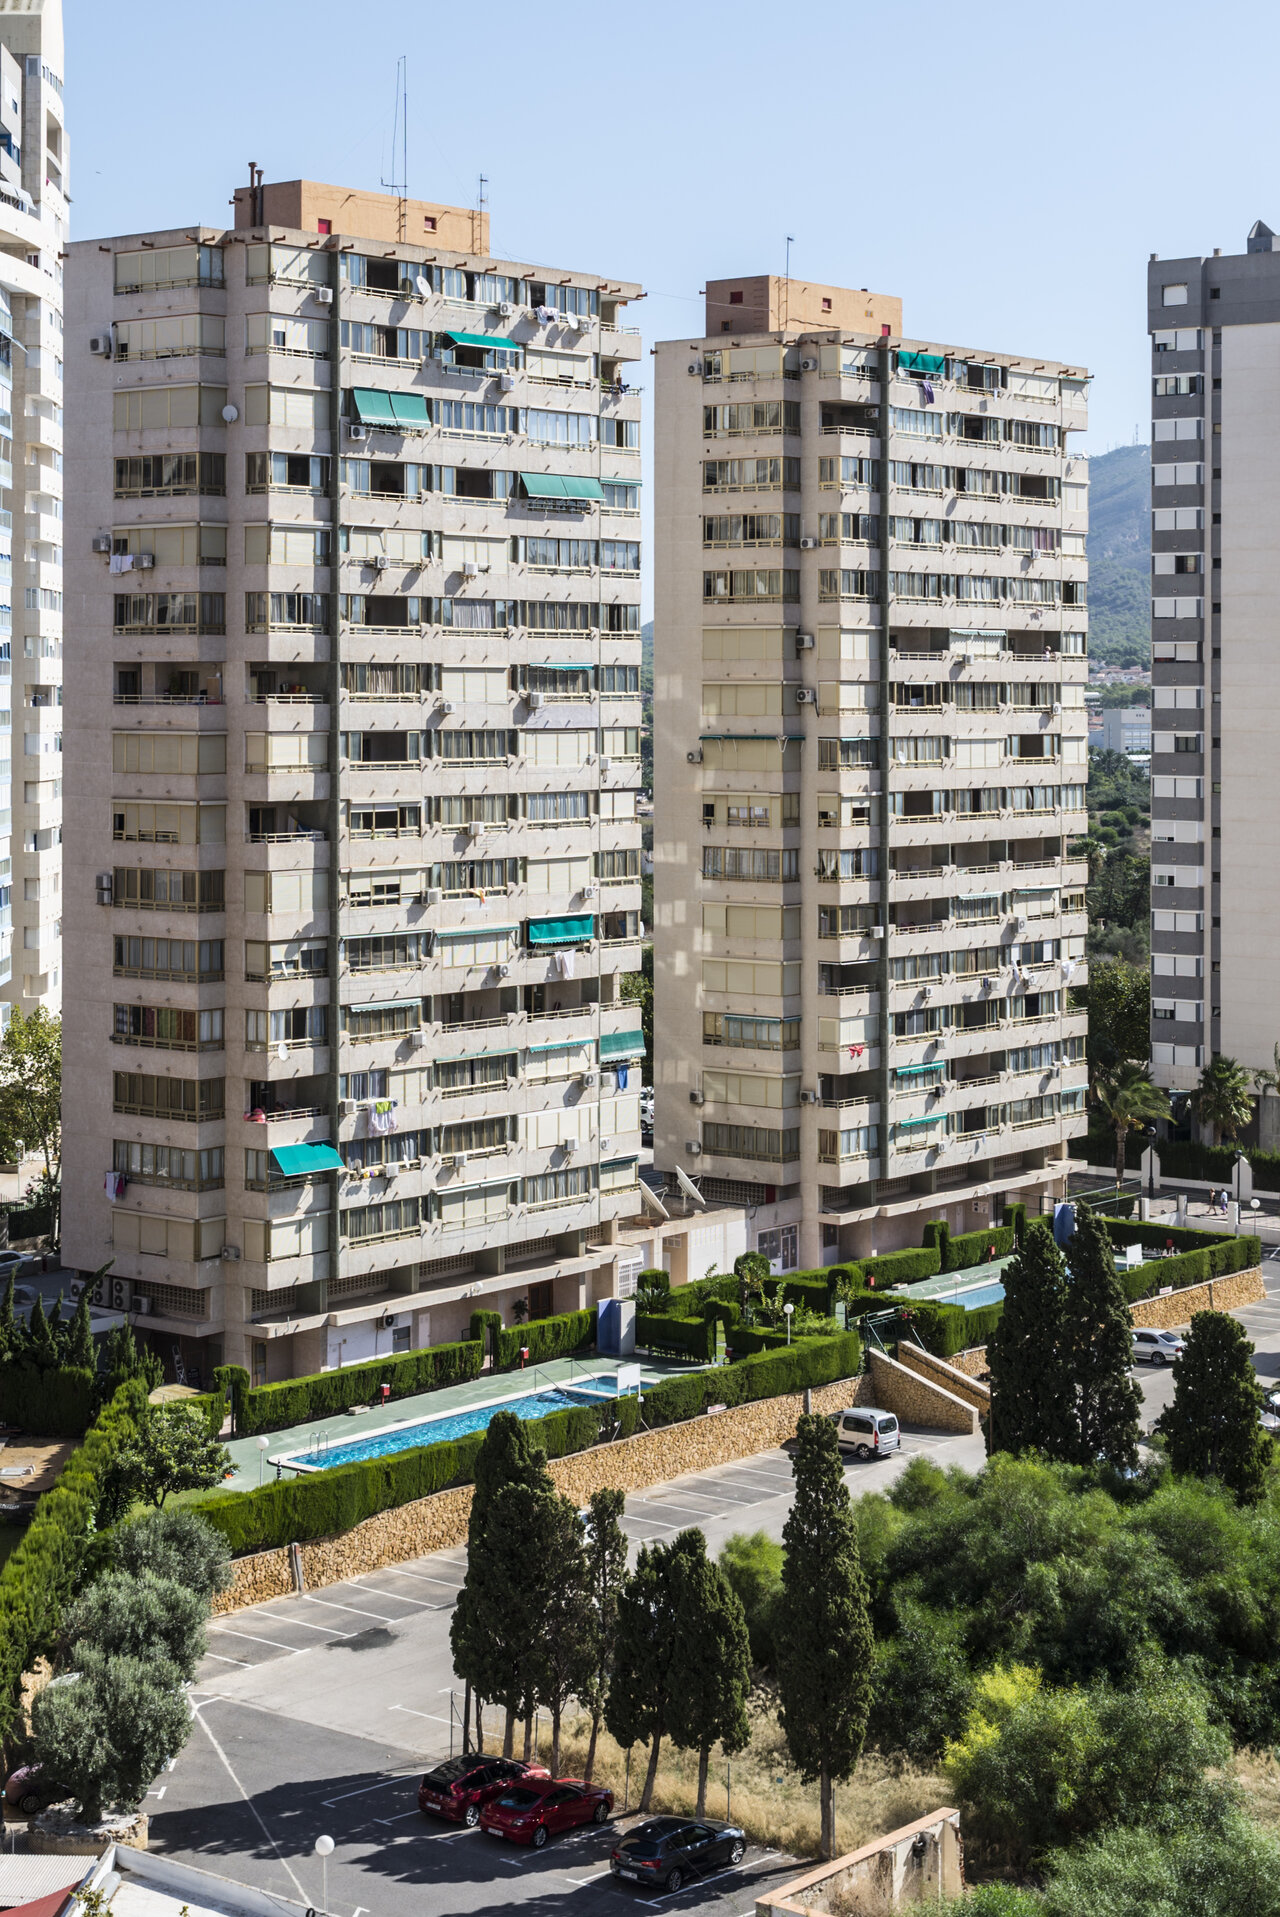 Mariscal Apartments Iv-v